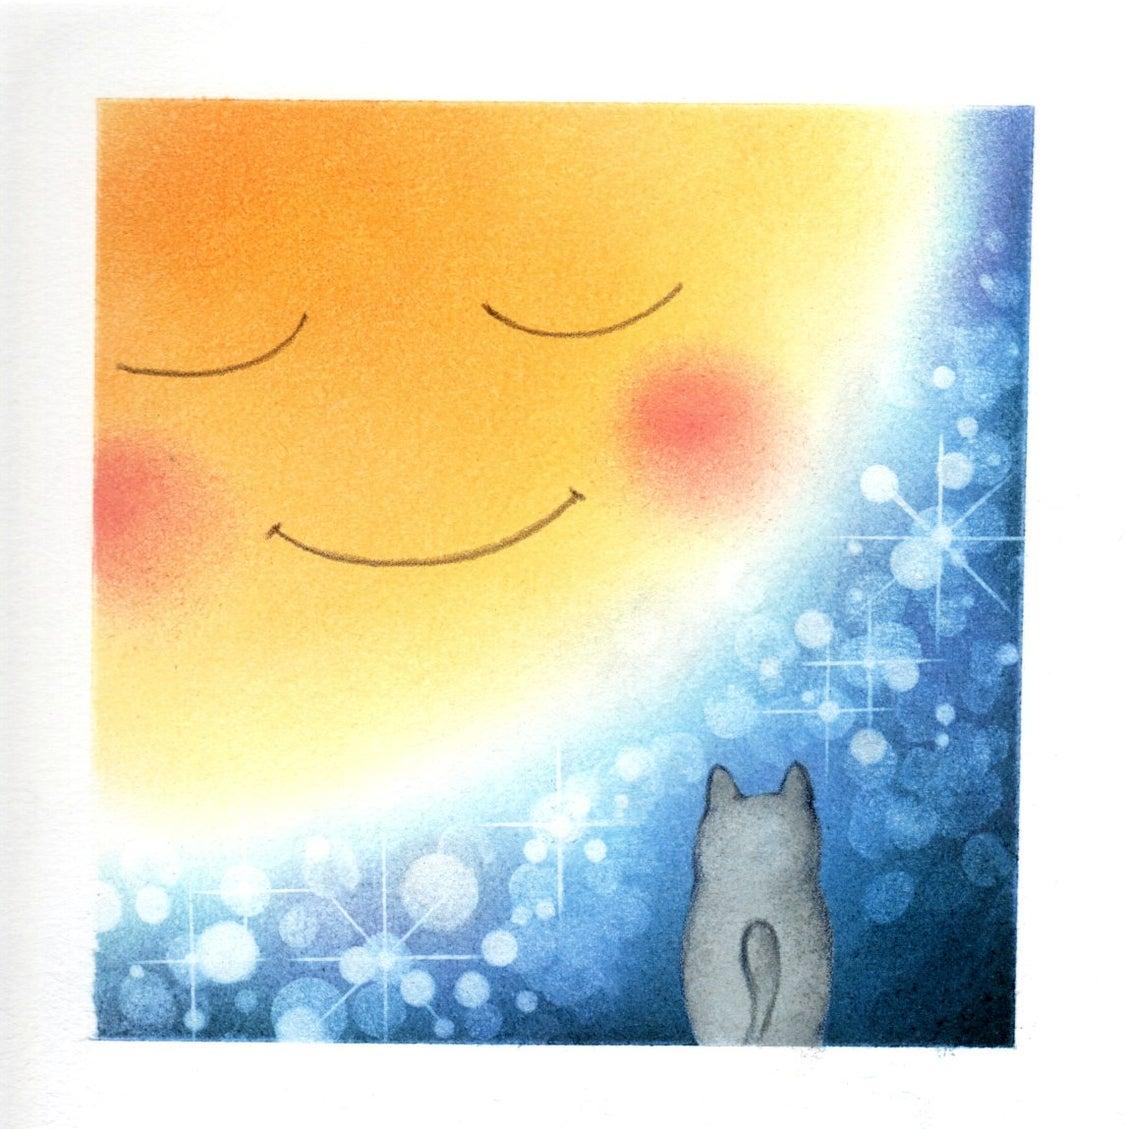 ♡8月15日水瓶座の満月です!浄化、手放してて願いを叶えましょう♡の記事より